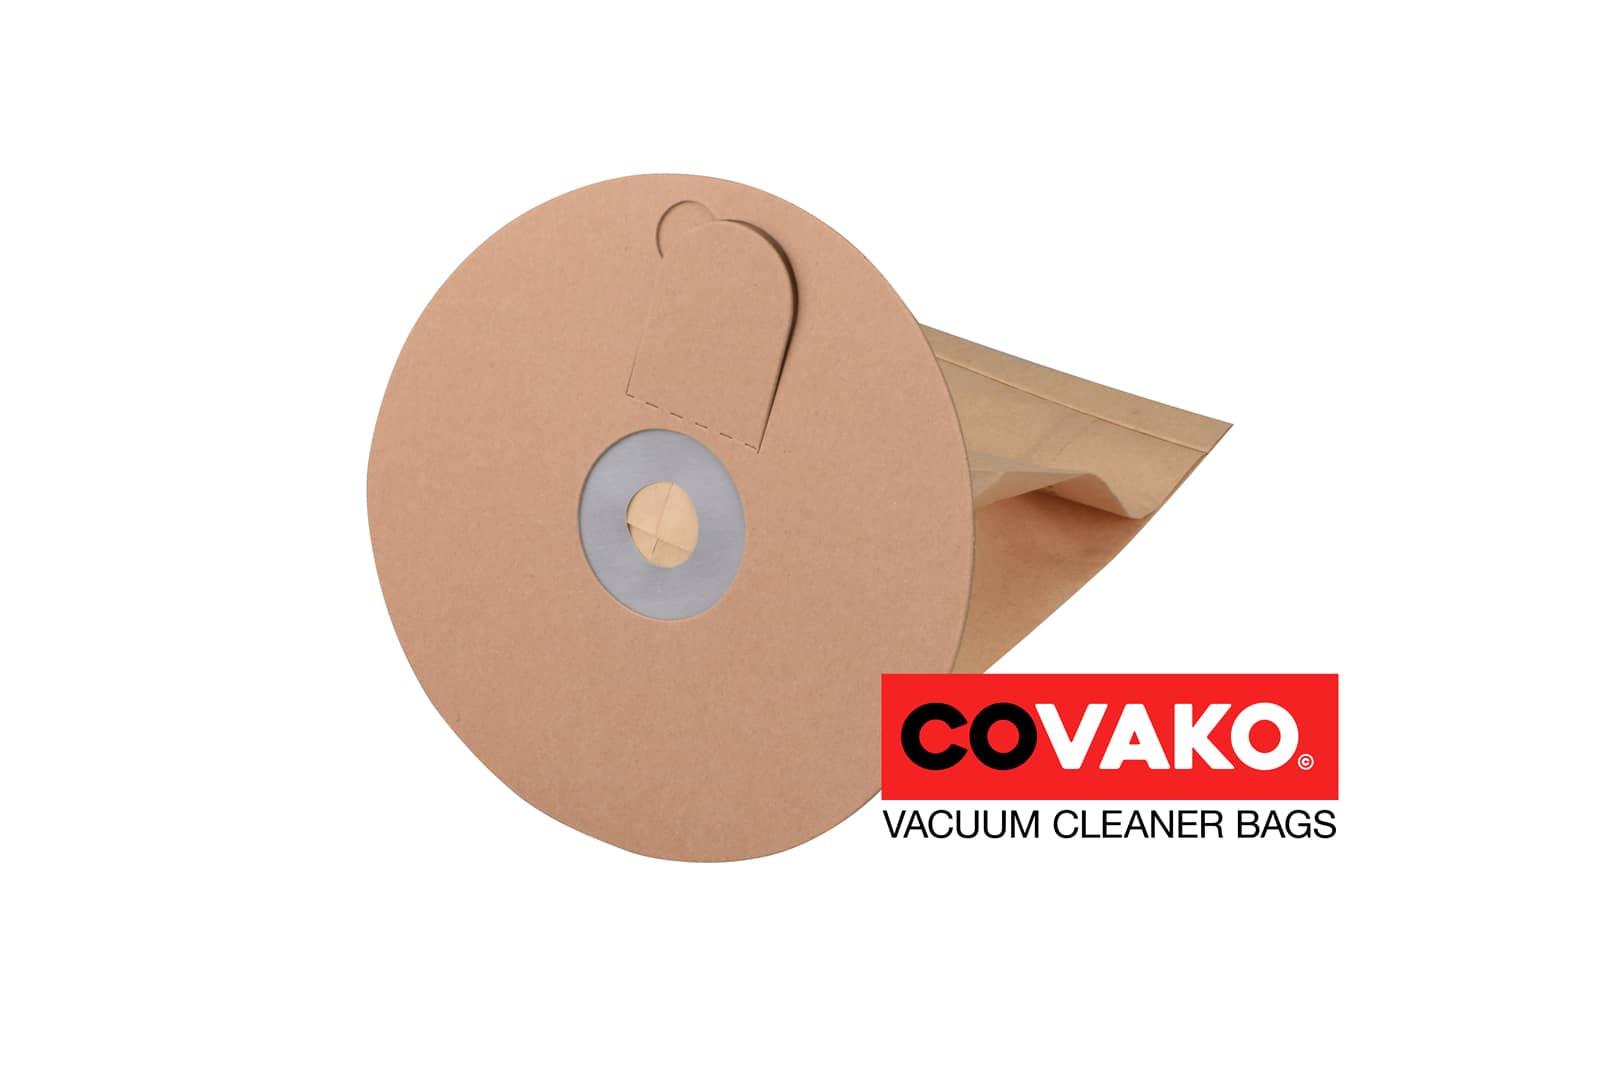 Ghibli T 1 / Paper - Ghibli vacuum cleaner bags